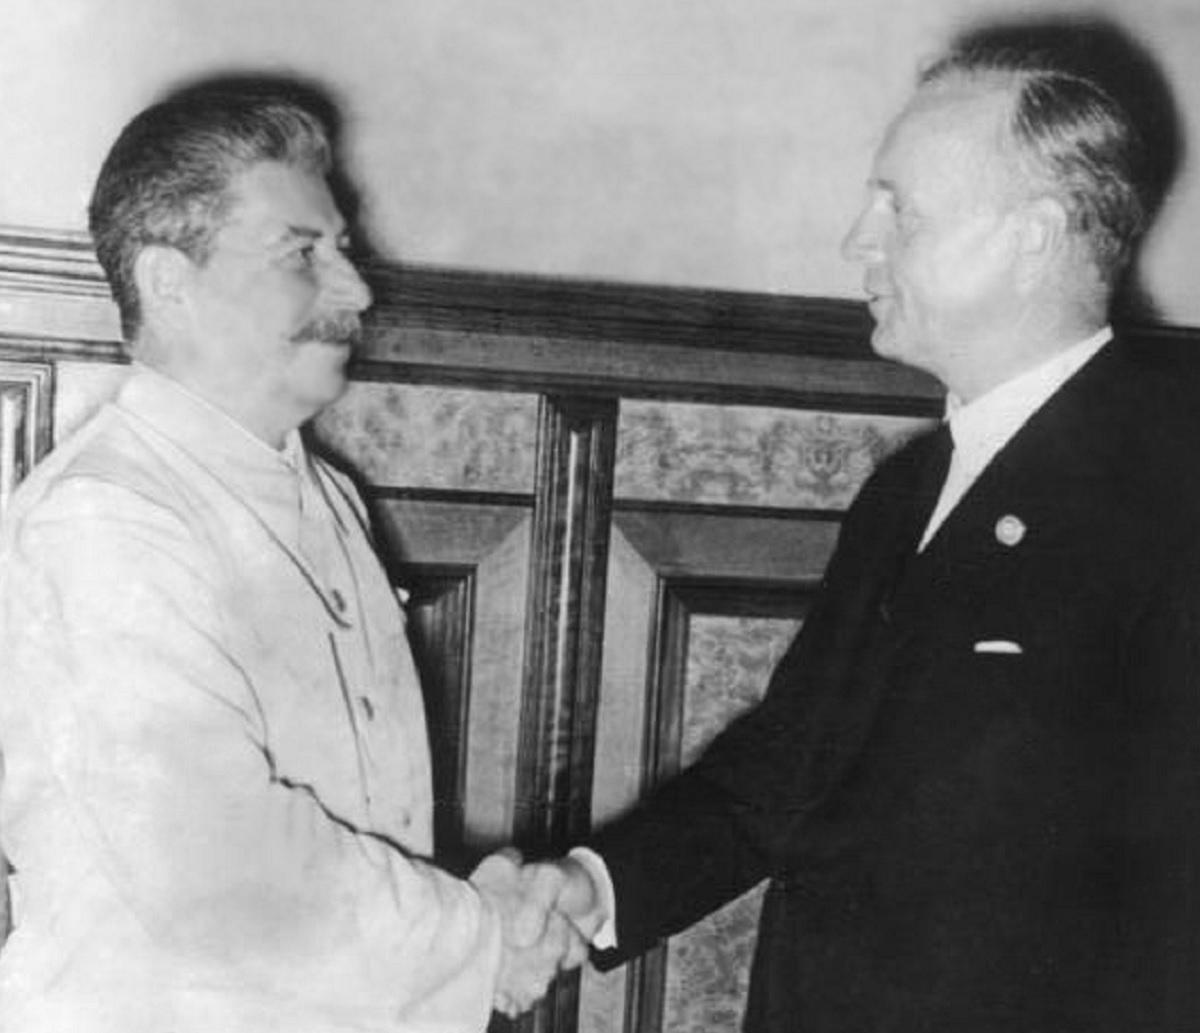 Stalin and Ribbentrop